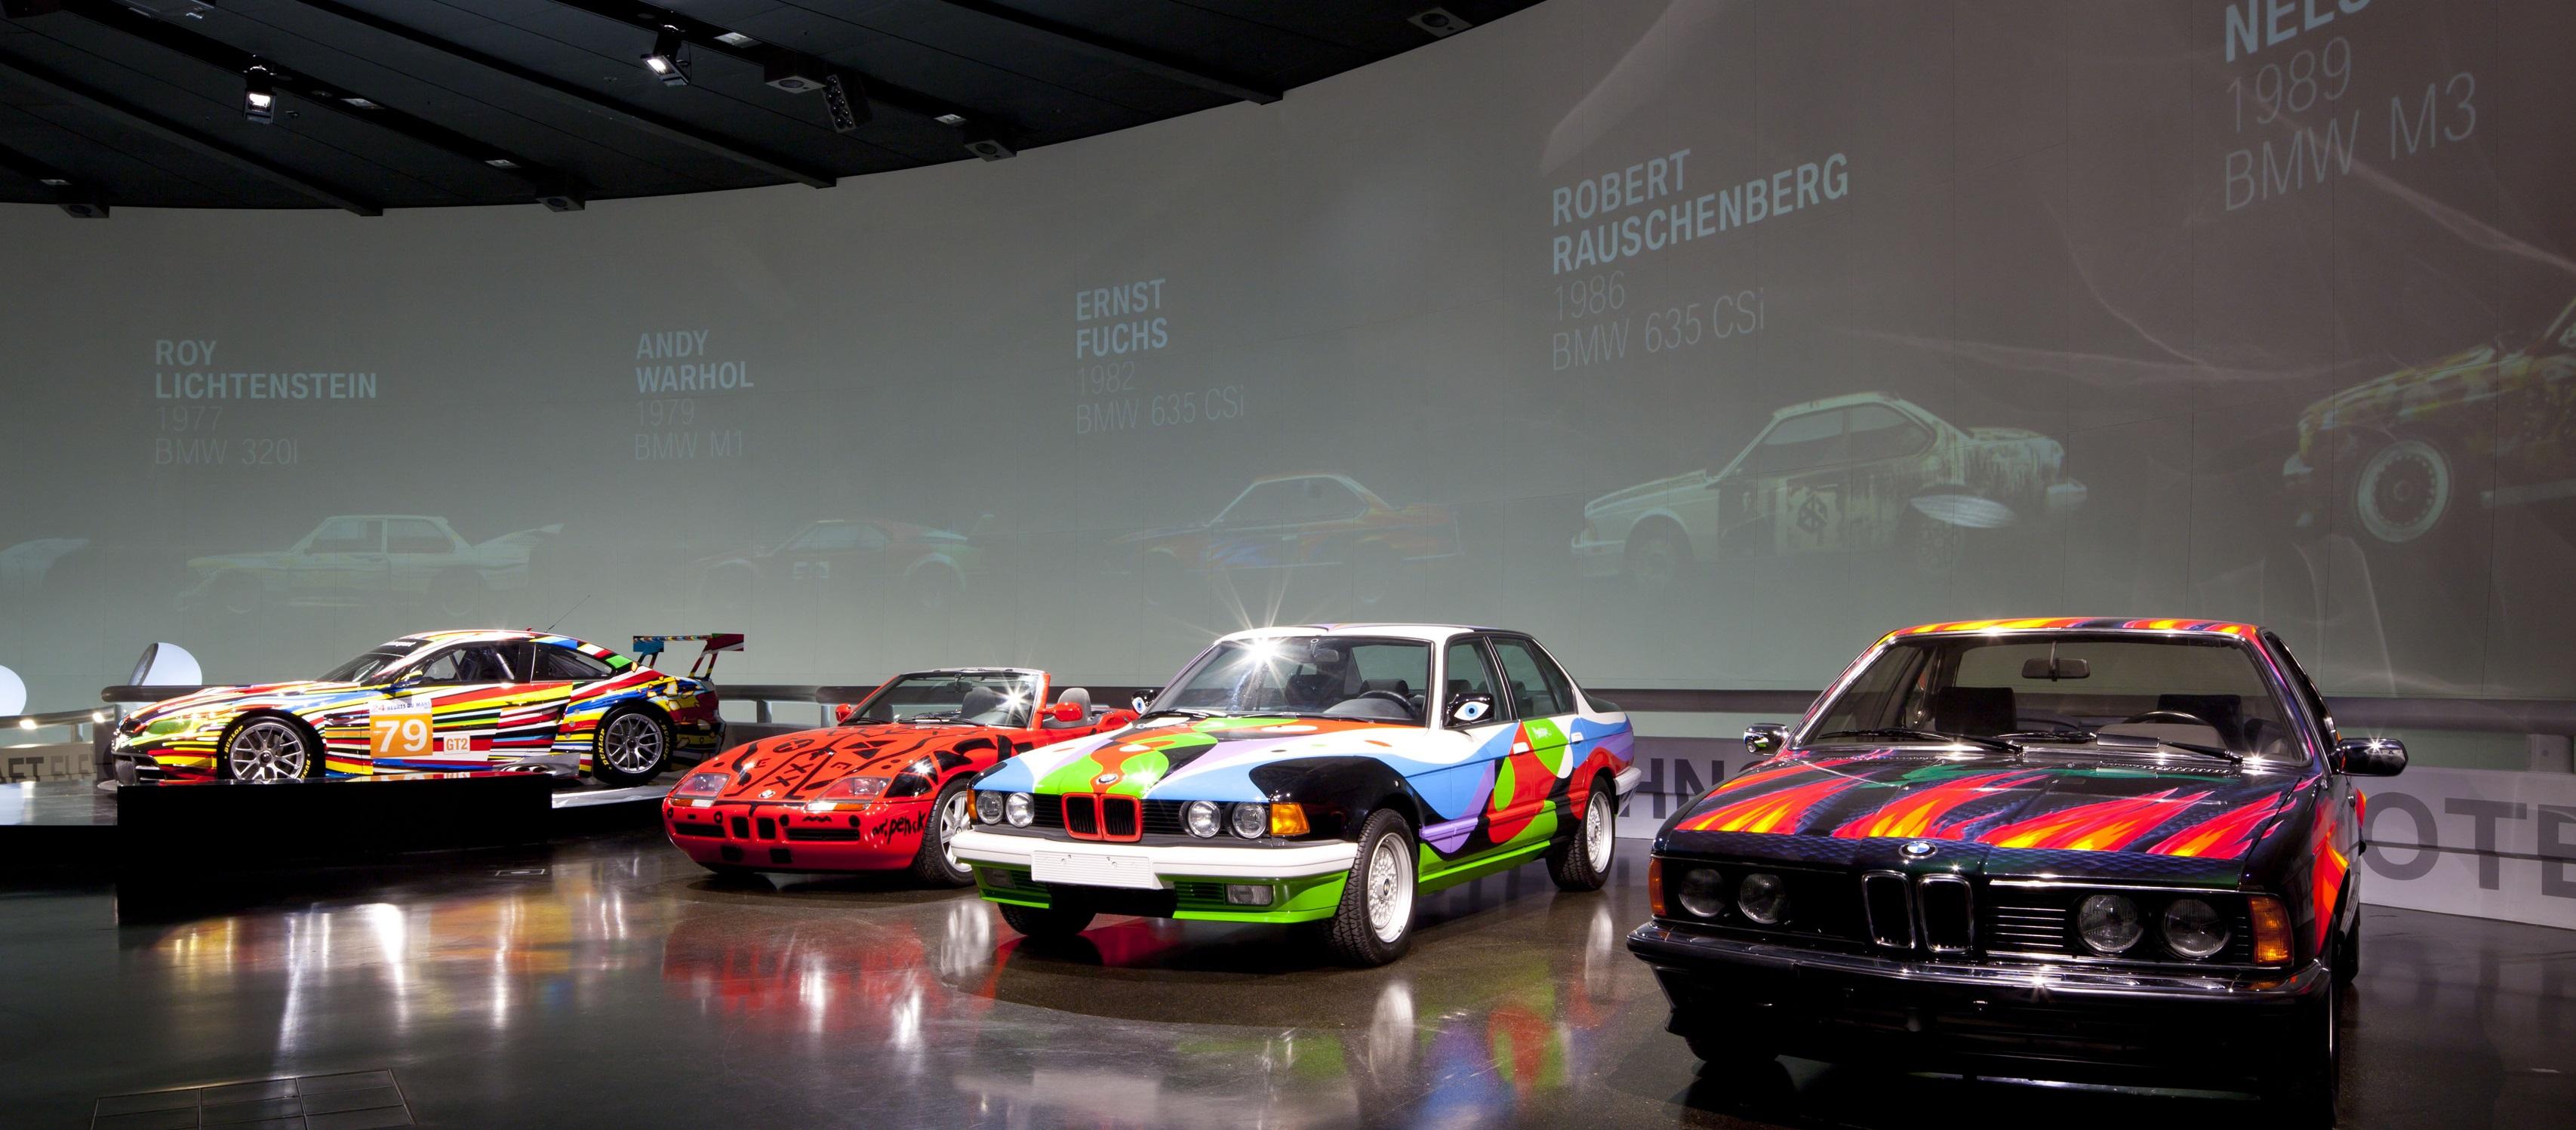 És egy valódi kiállítás, forrás: a BMW Group Archive